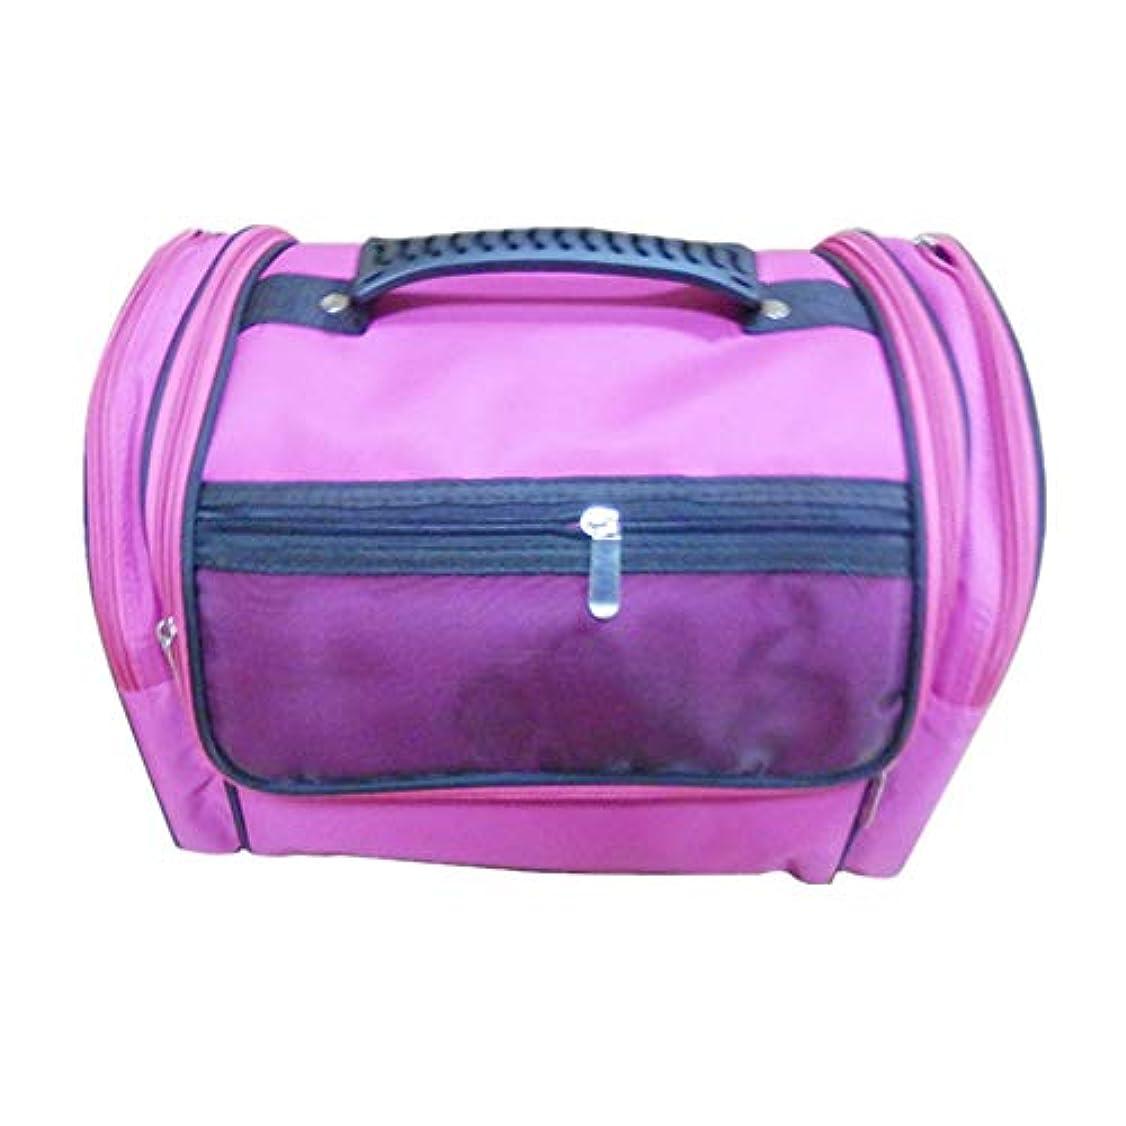 イチゴ狂人呼び起こす化粧オーガナイザーバッグ 高容量カジュアルポータ??ブルキャンバス化粧品バッグ旅行のための美容メイクアップとジッパーで毎日のストレージ 化粧品ケース